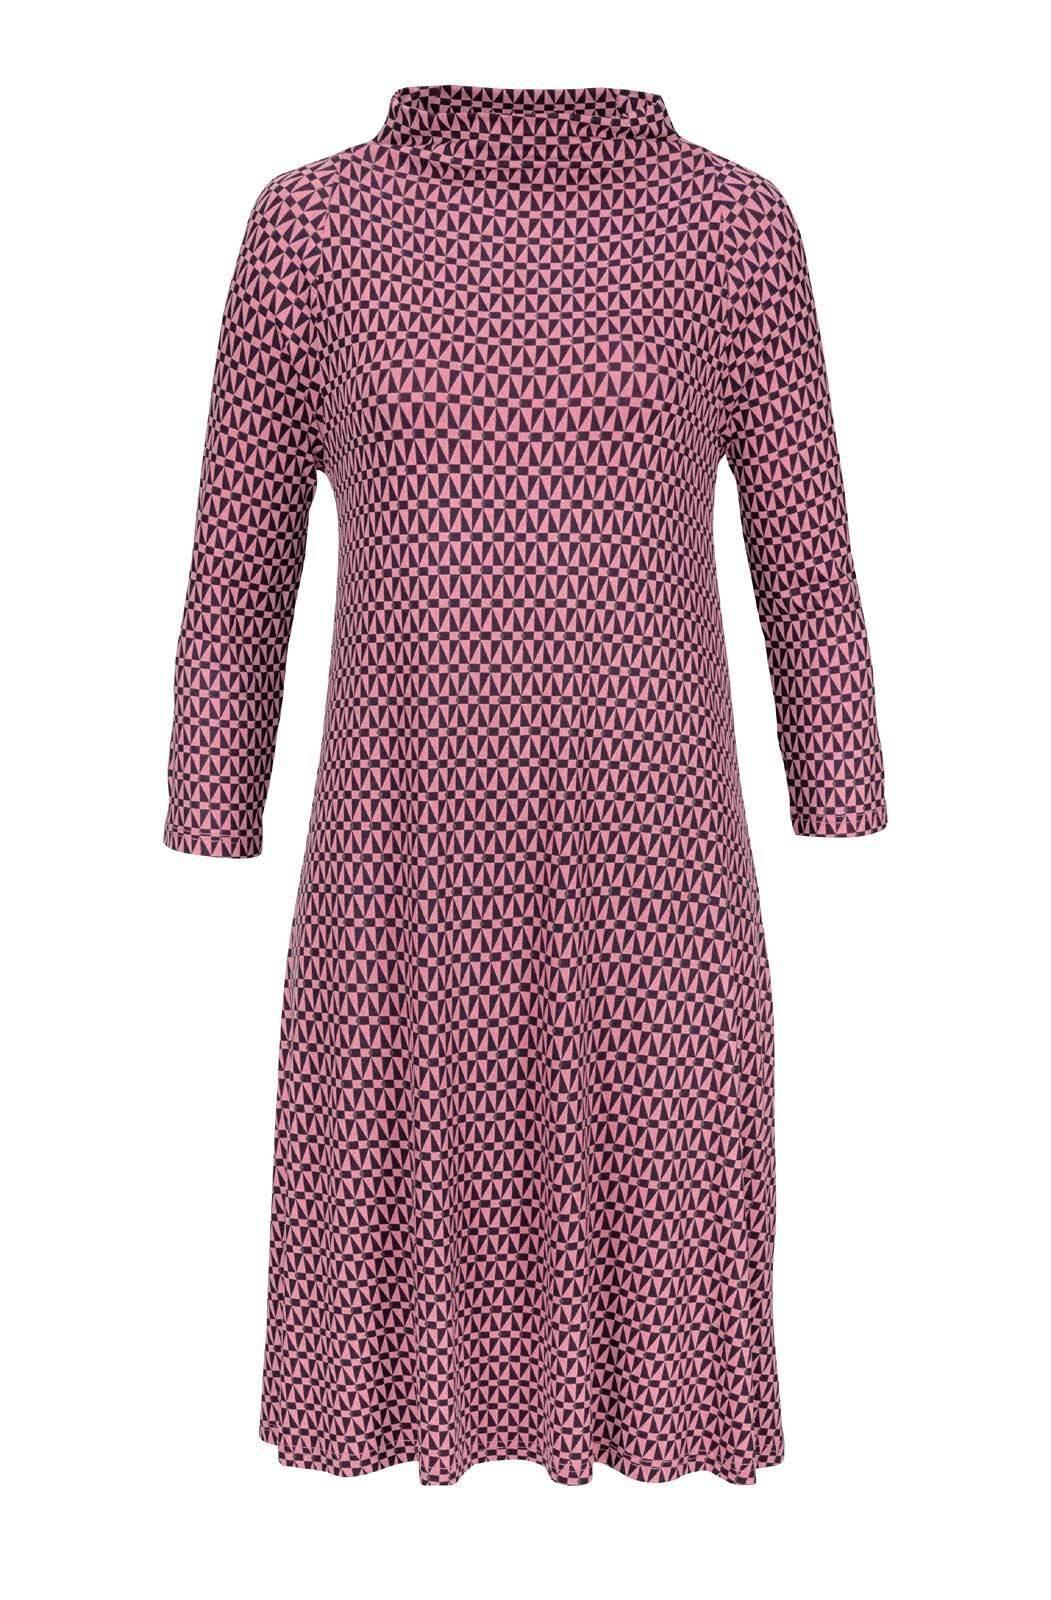 DANIEL HECHTER Designer Jerseykleid lachs marine Gr 34 bis 44